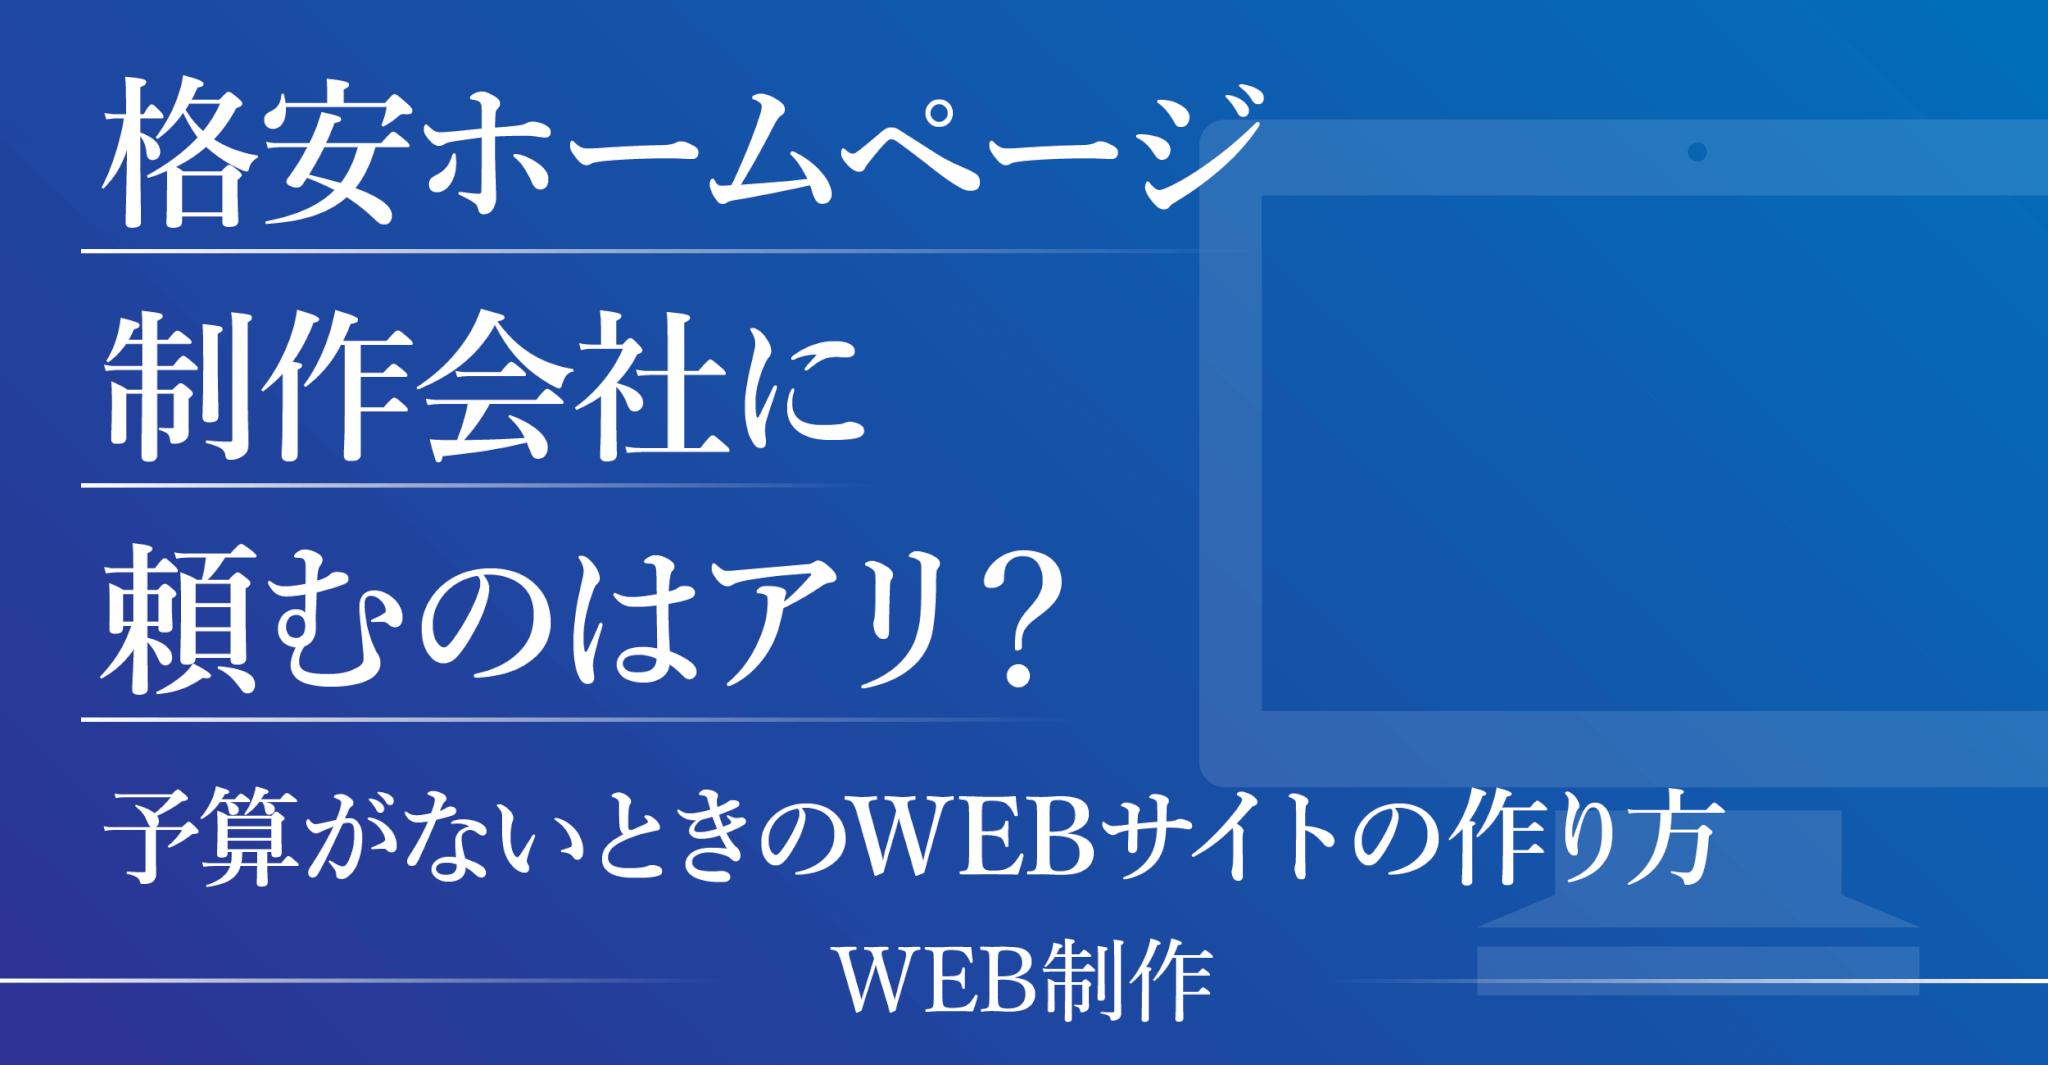 格安ホームページ制作会社に頼むのはアリ?予算がないときのWEBサイトの作り方